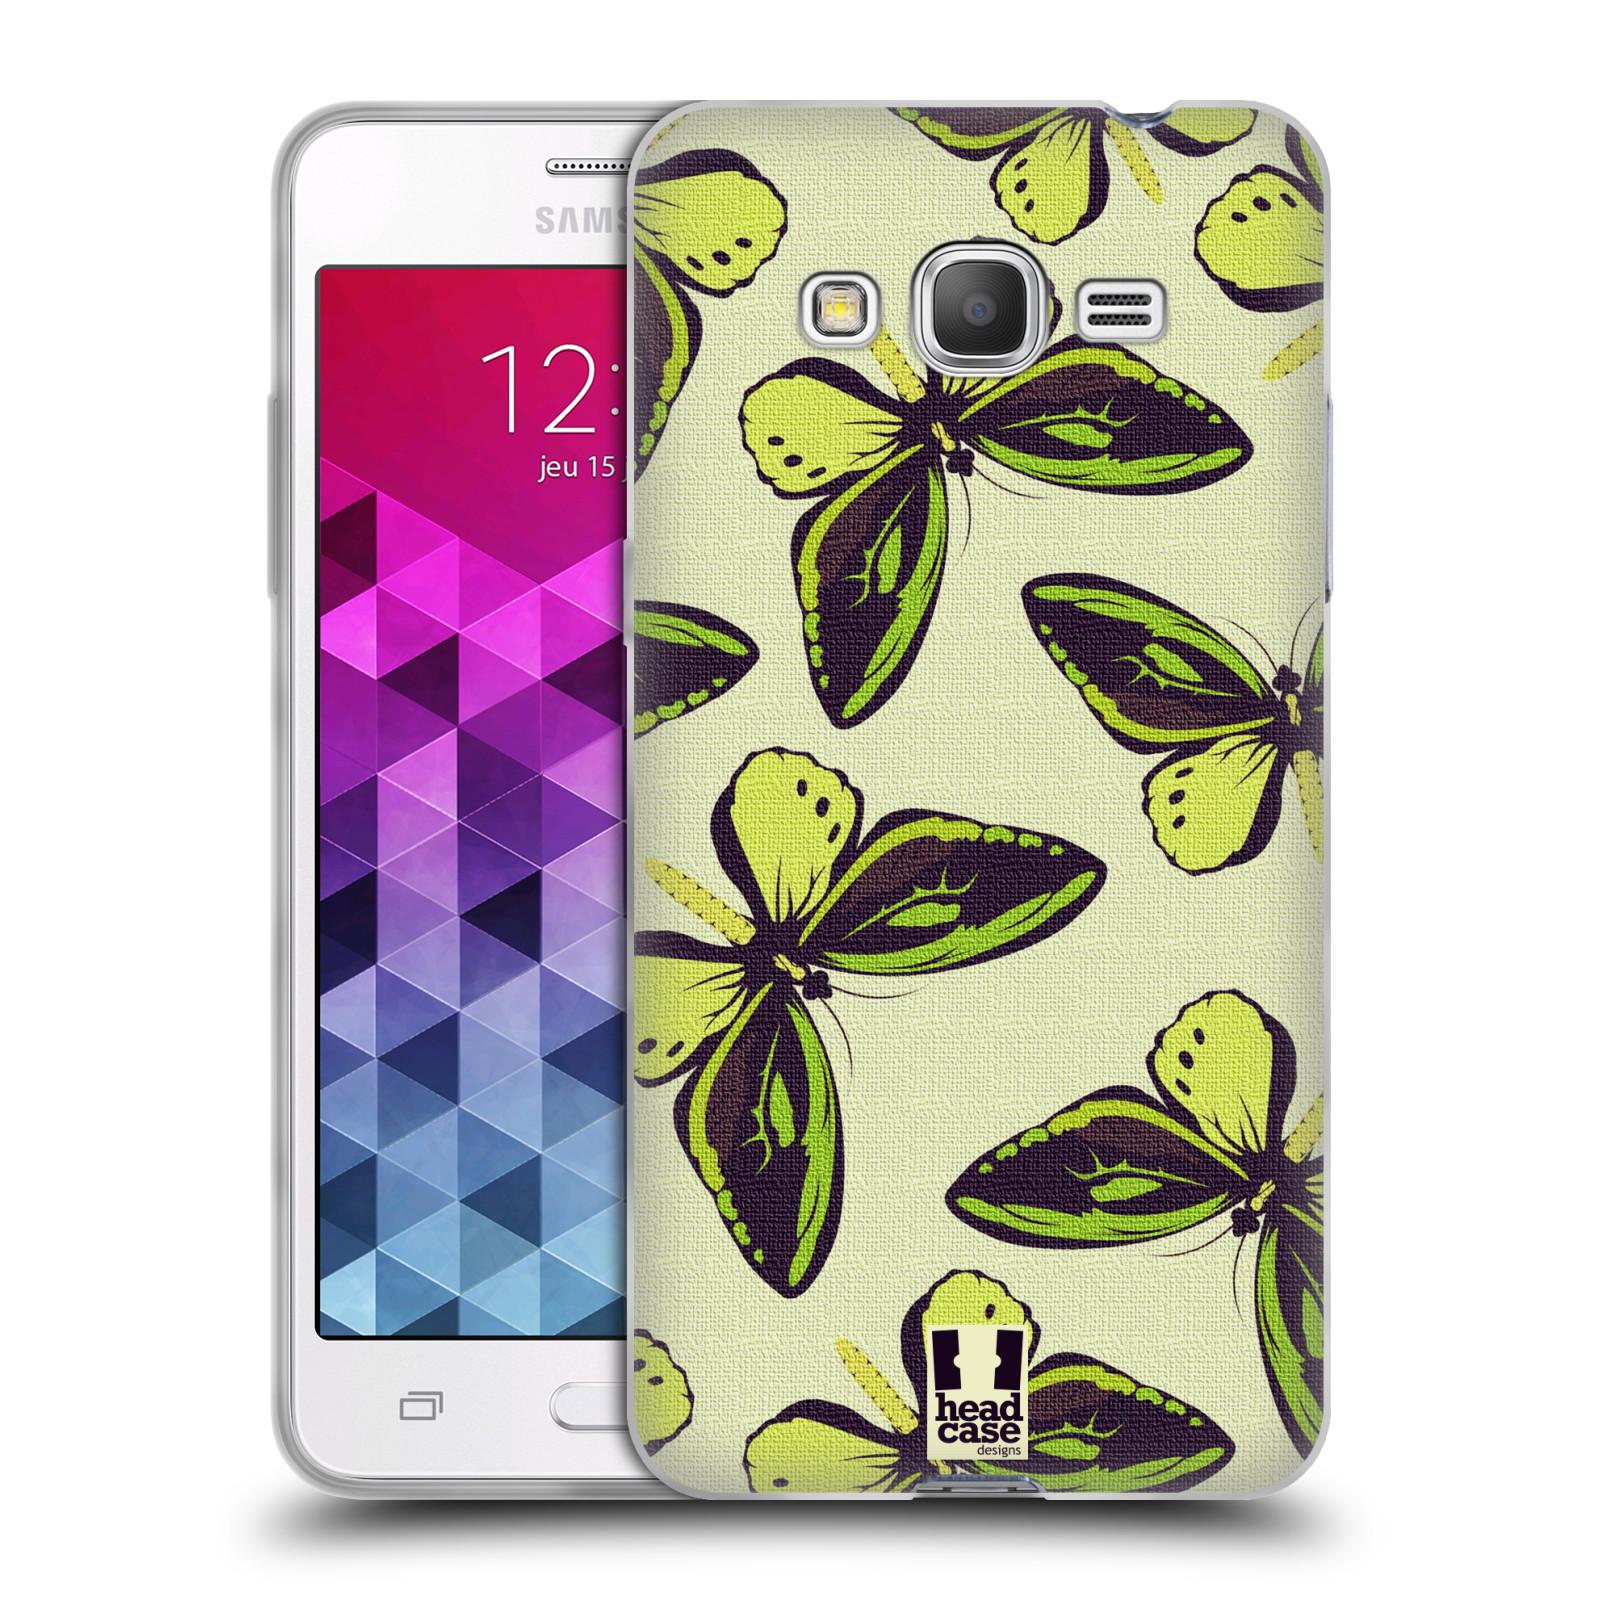 HEAD CASE silikonový obal na mobil Samsung Galaxy GRAND PRIME vzor Motýlci Poseidon zelená